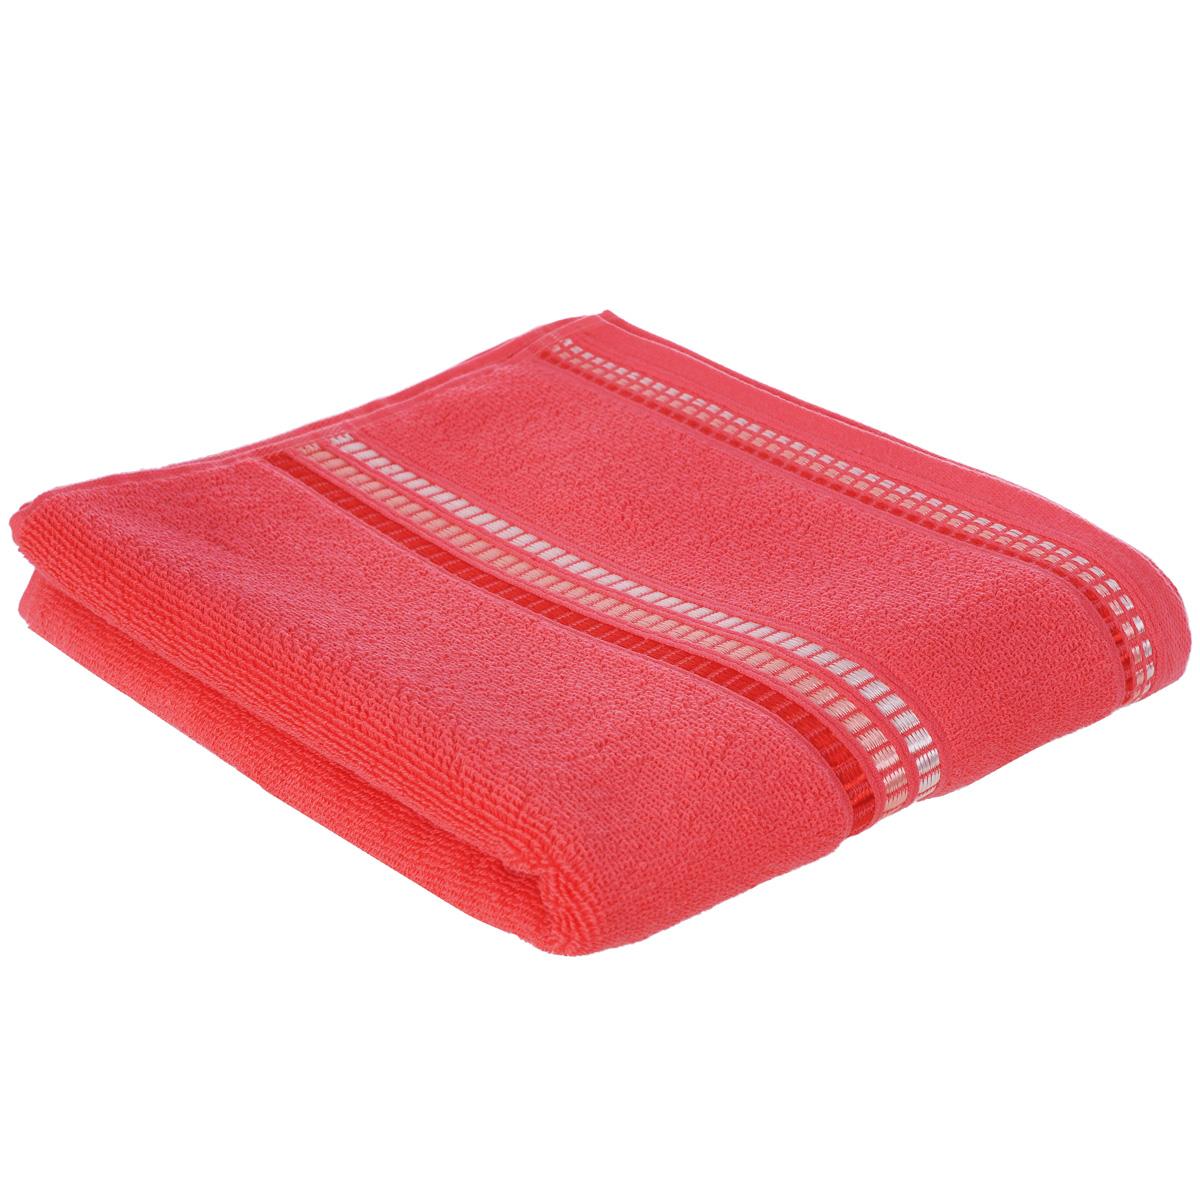 Полотенце махровое Coronet Пиано, цвет: коралловый, 50 х 90 смБ-МП-2020-01-02Махровое полотенце Coronet Пиано, изготовленное из натурального хлопка, подарит массу положительных эмоций и приятных ощущений. Полотенце отличается нежностью и мягкостью материала, утонченным дизайном и превосходным качеством. Оно прекрасно впитывает влагу, быстро сохнет и не теряет своих свойств после многократных стирок. Махровое полотенце Coronet Пиано станет достойным выбором для вас и приятным подарком для ваших близких. Мягкость и высокое качество материала, из которого изготовлены полотенца не оставит вас равнодушными.